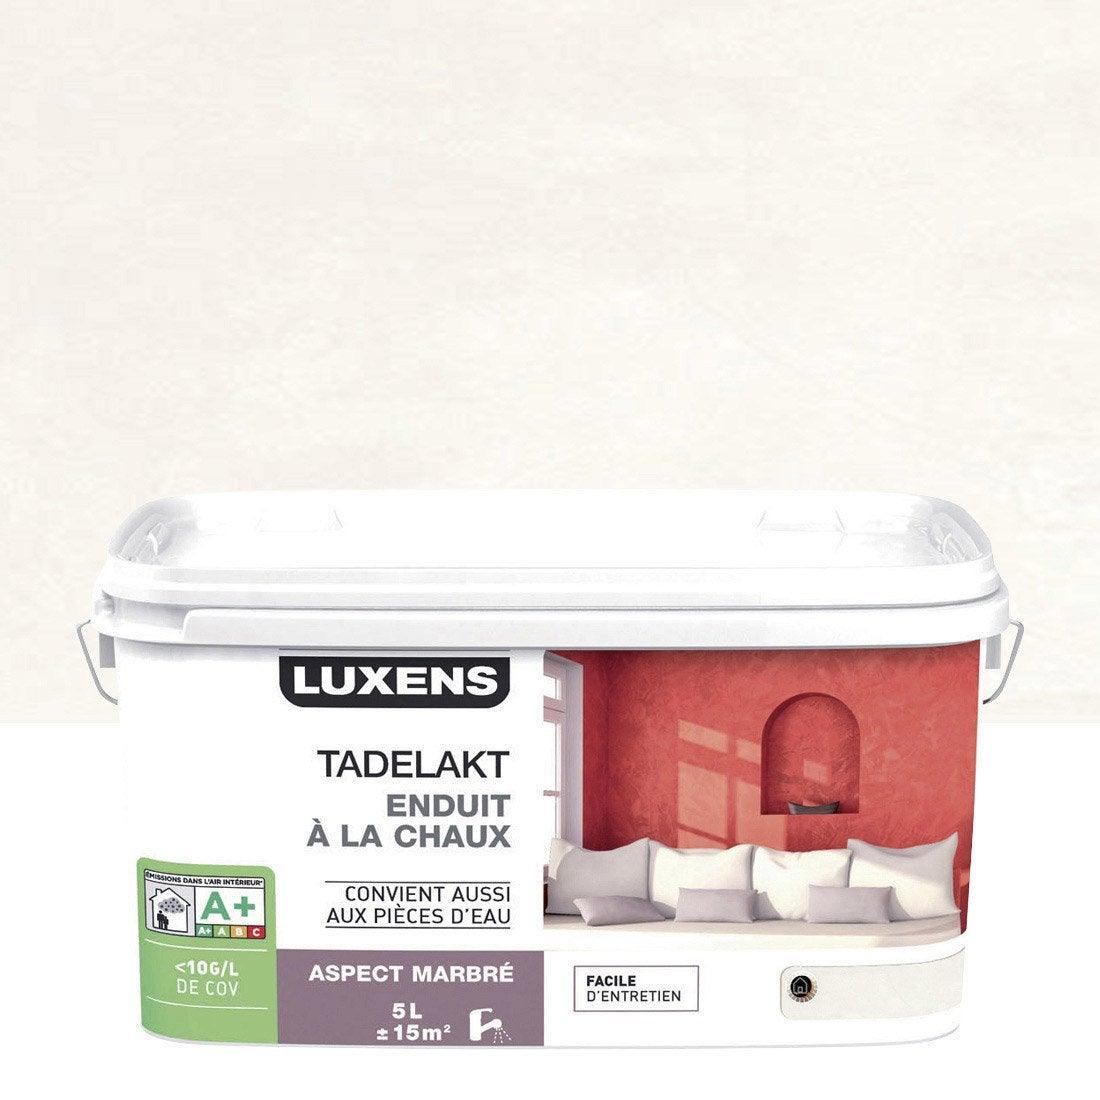 Enduit d coratif tadelakt luxens blanc calcaire 3 5 l for Enduit decoratif blanc